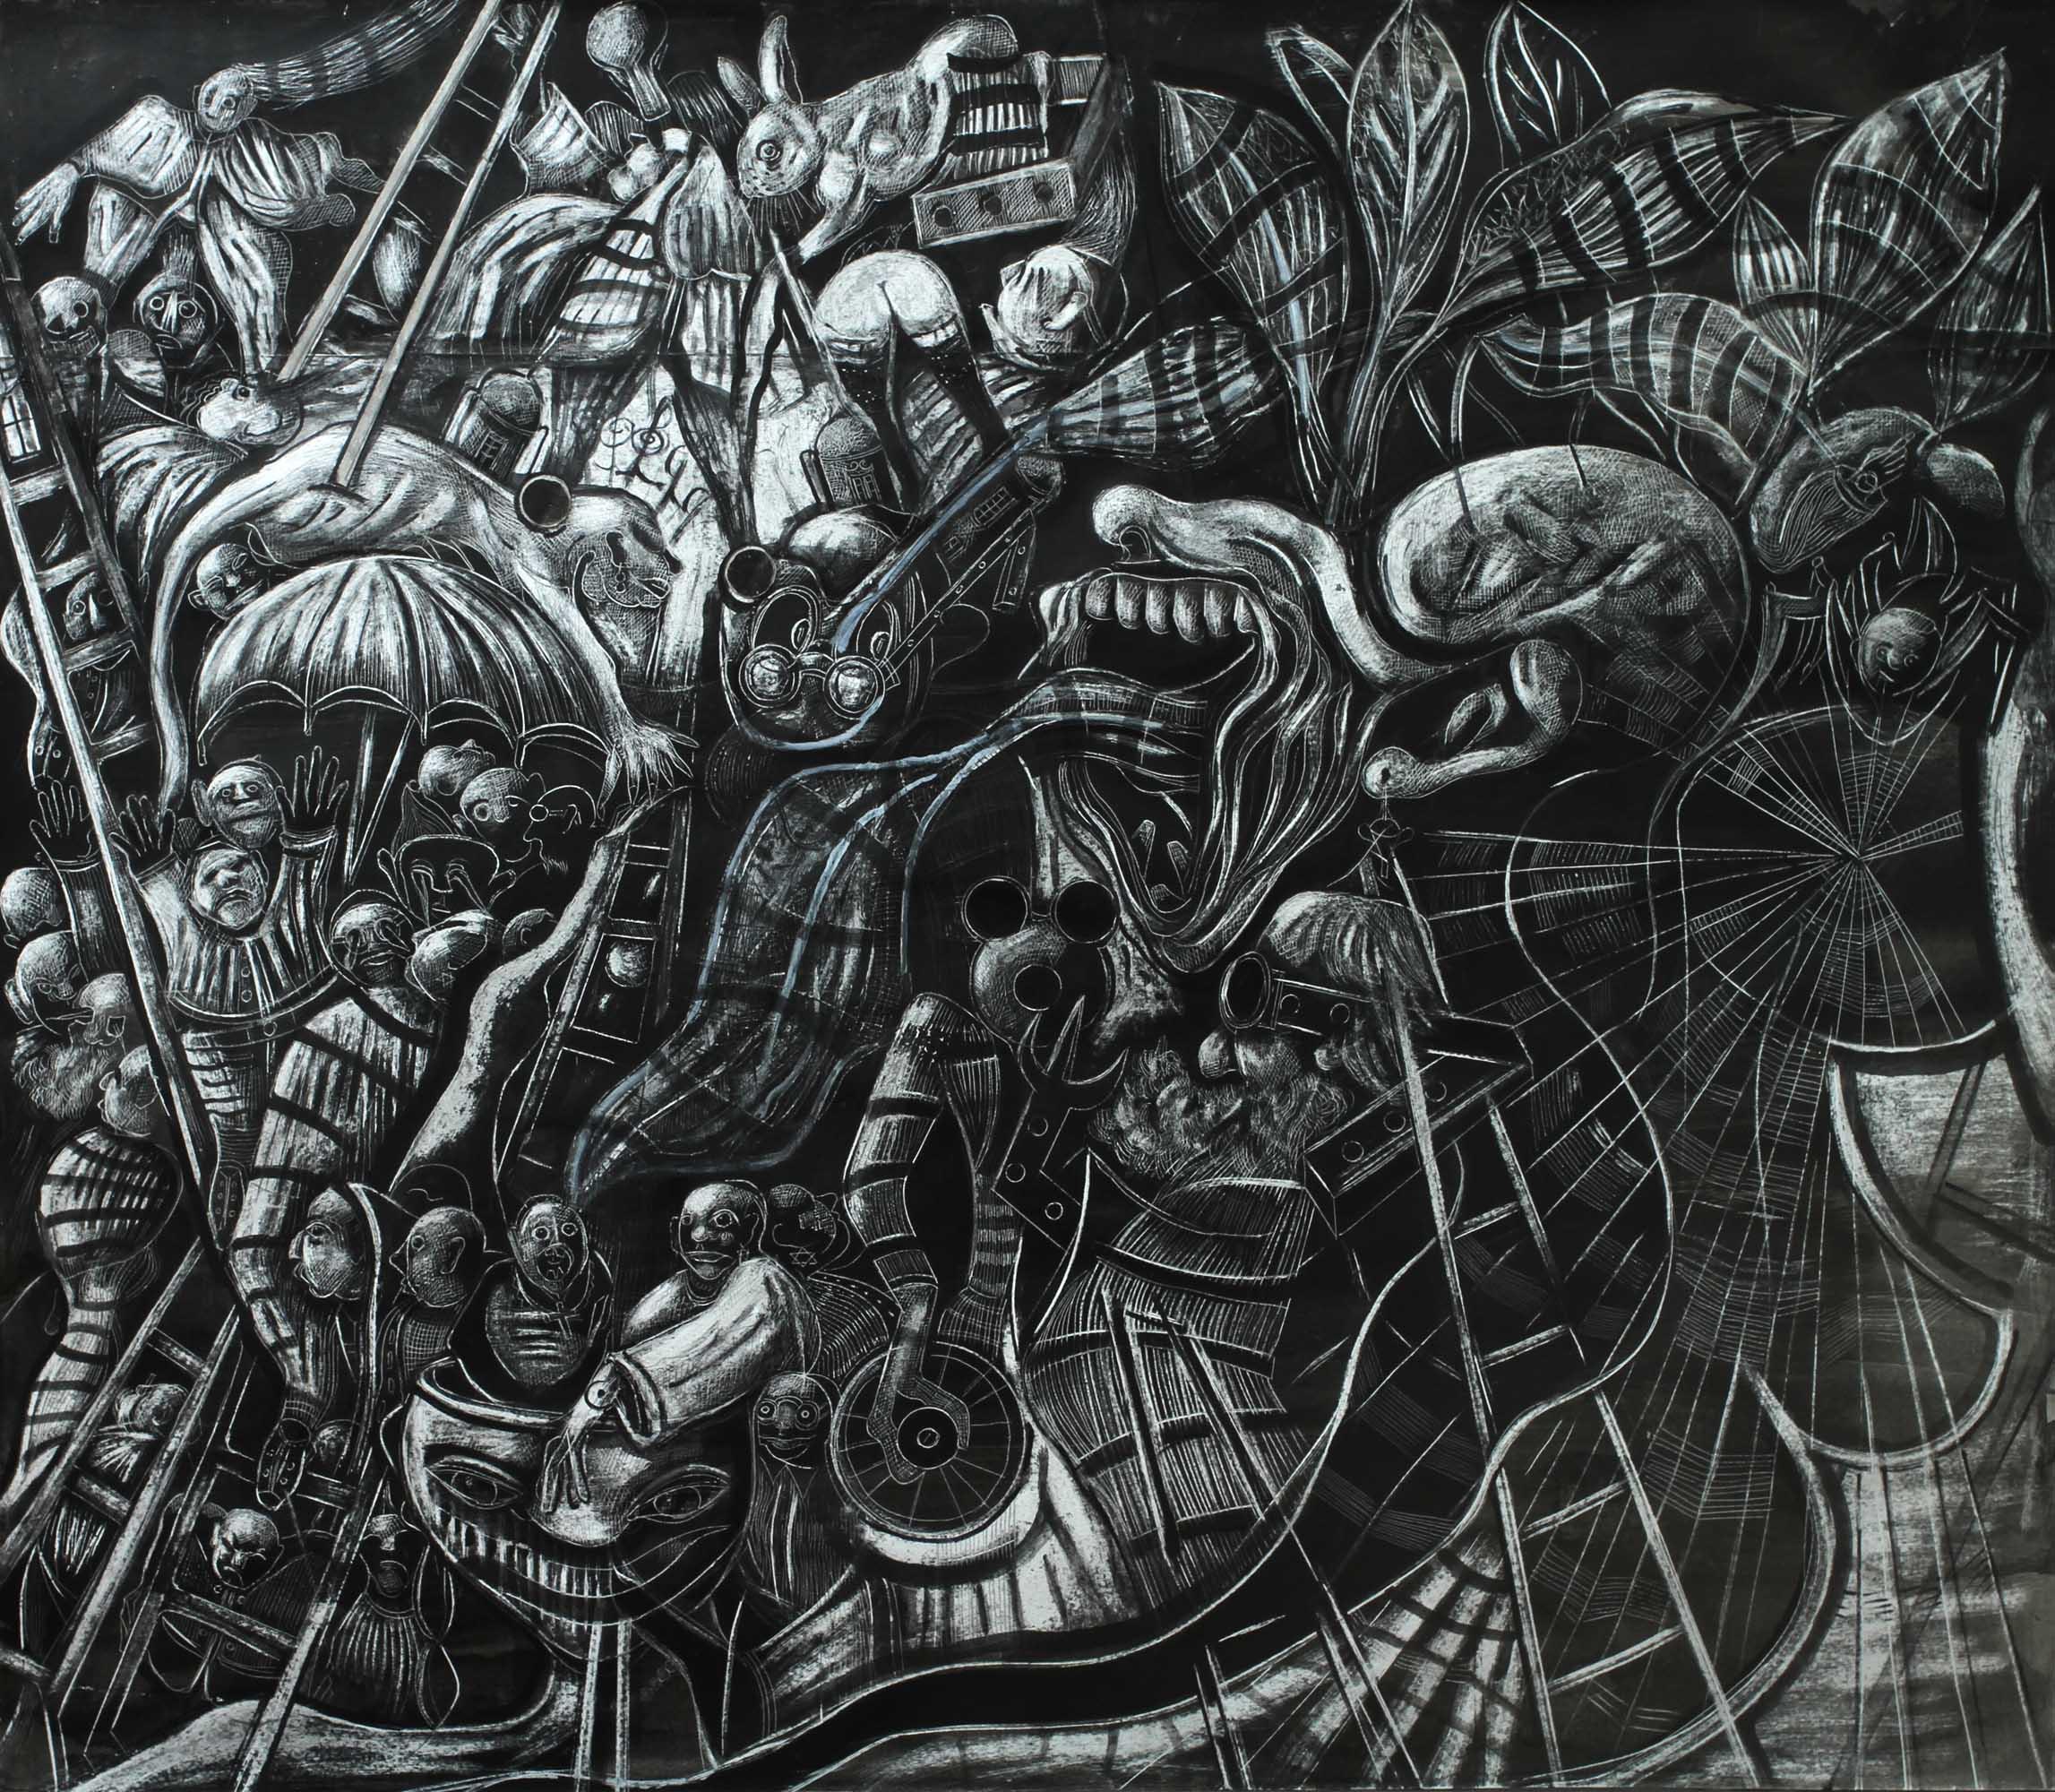 LA ESCALERA (2019) - Francisco Hernandez